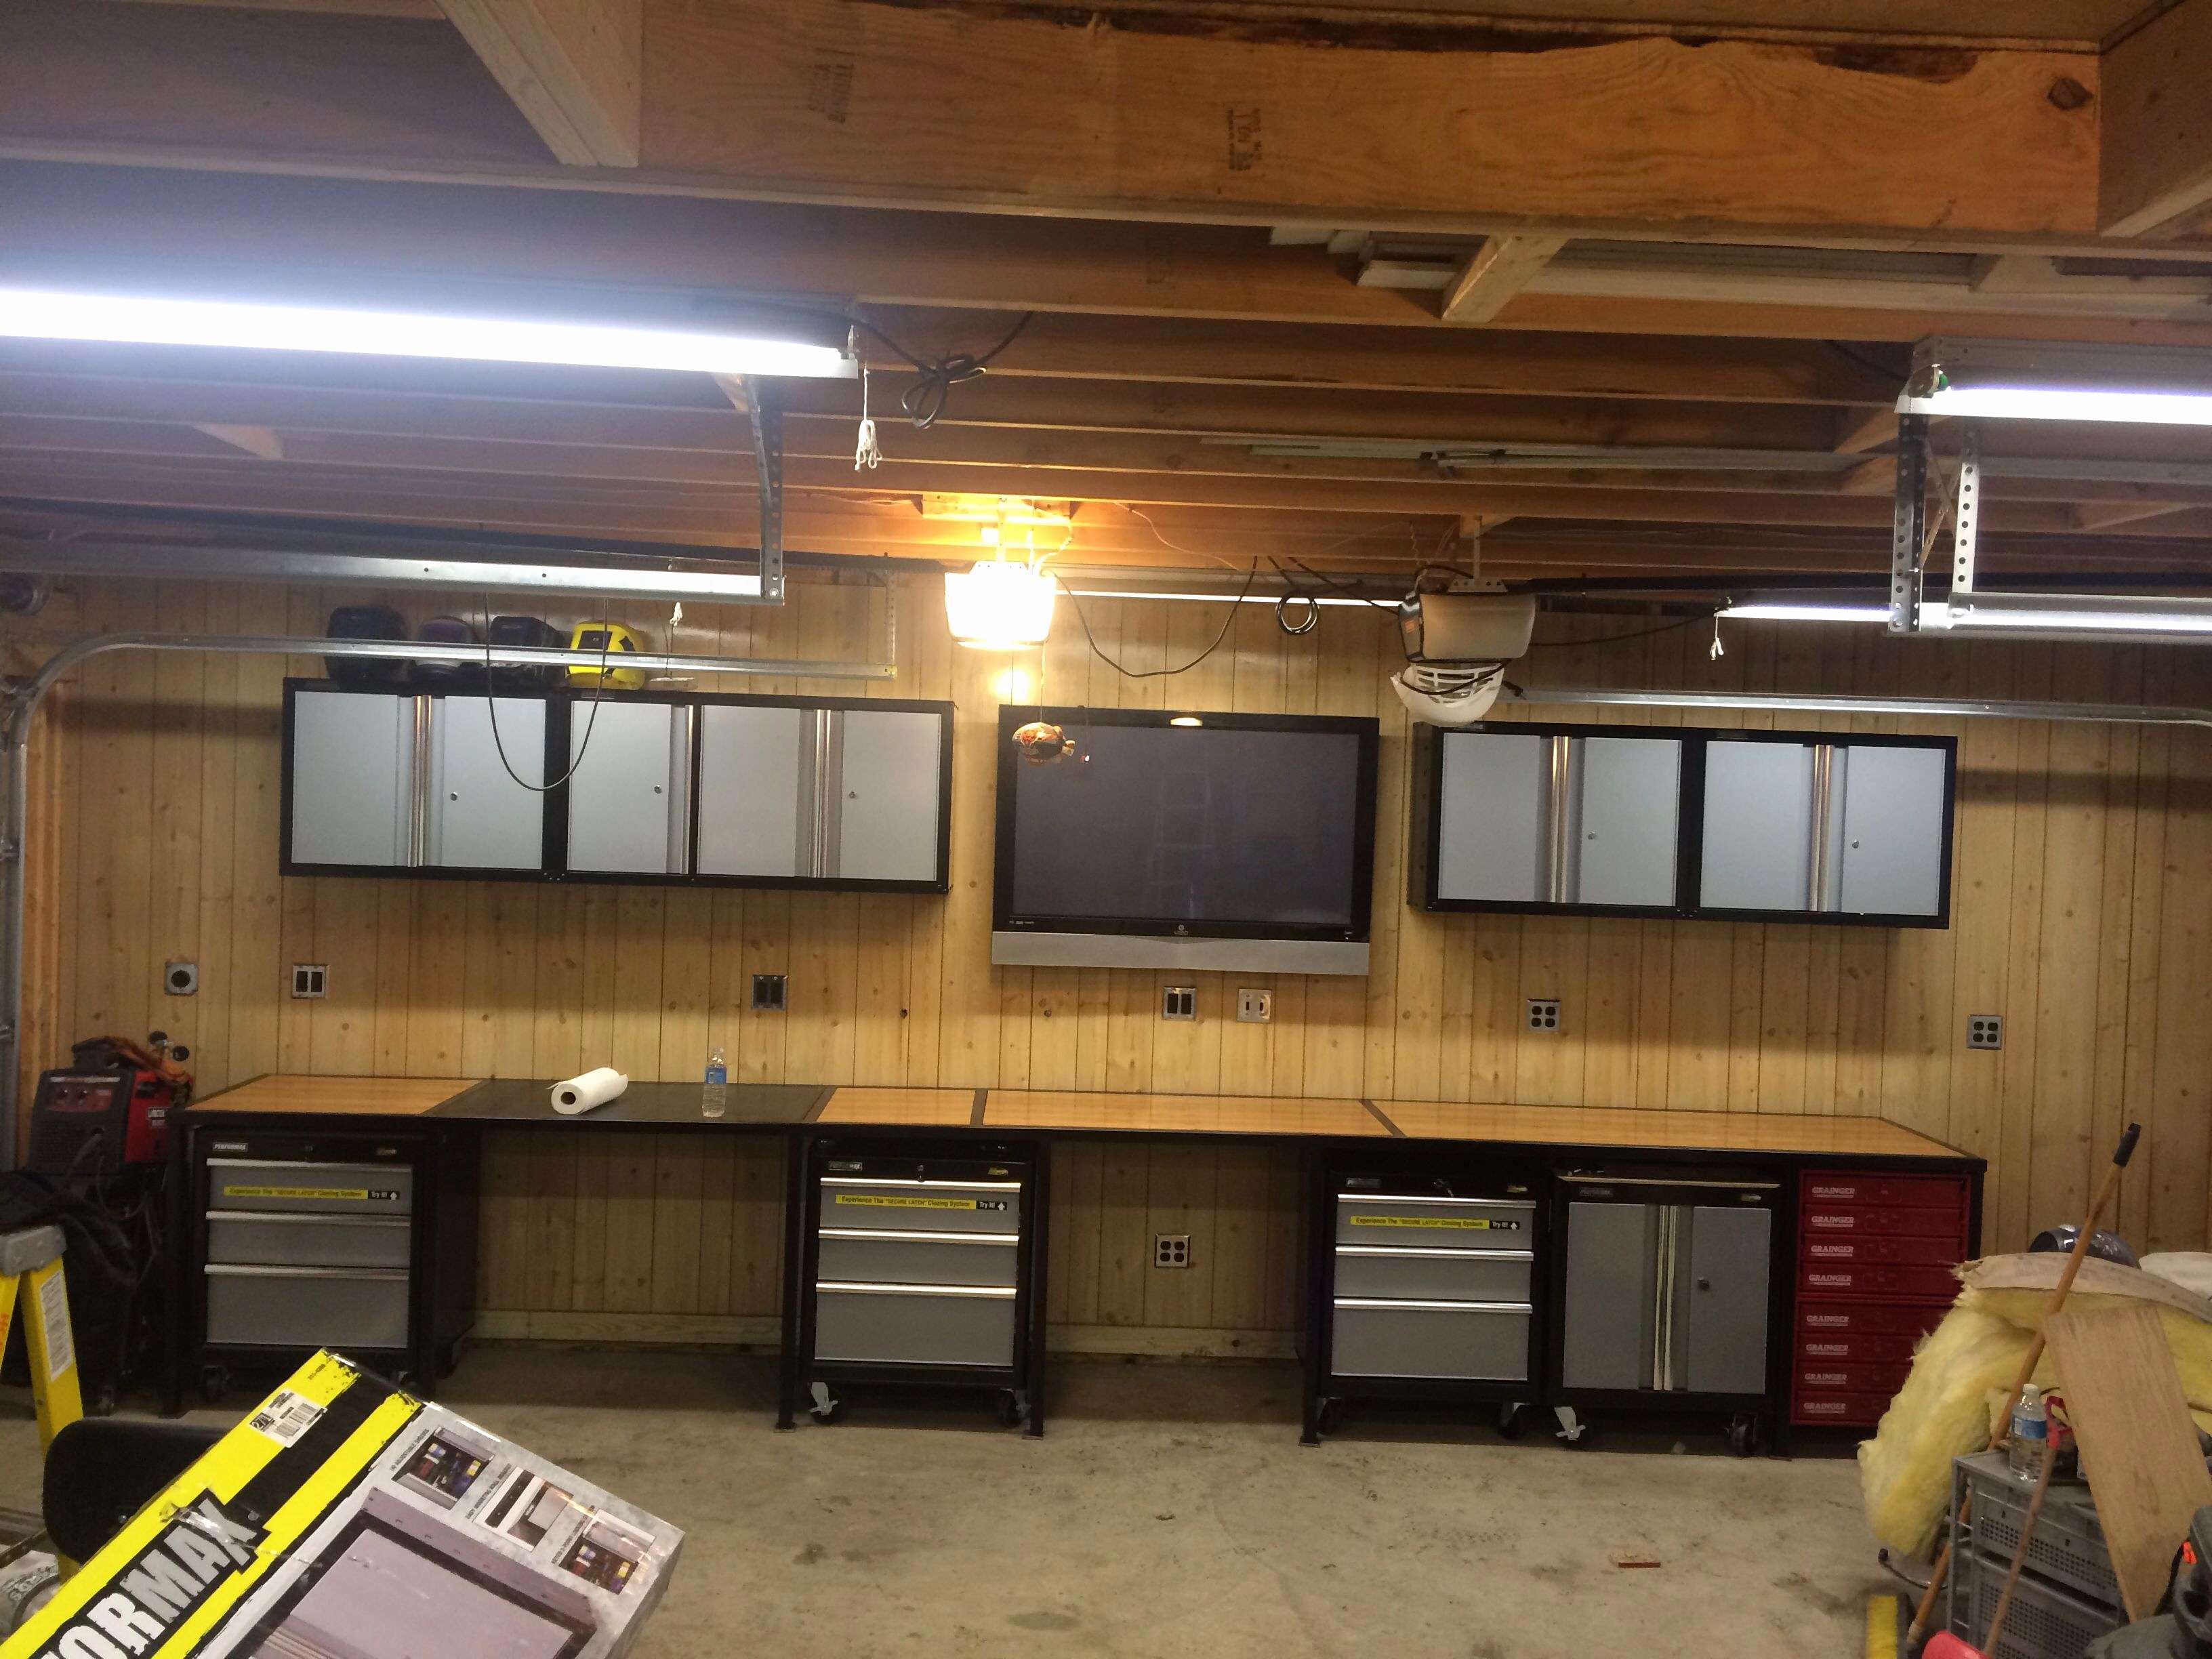 многократно приближался мебель в гараж своими руками фото проект способны изменить облик